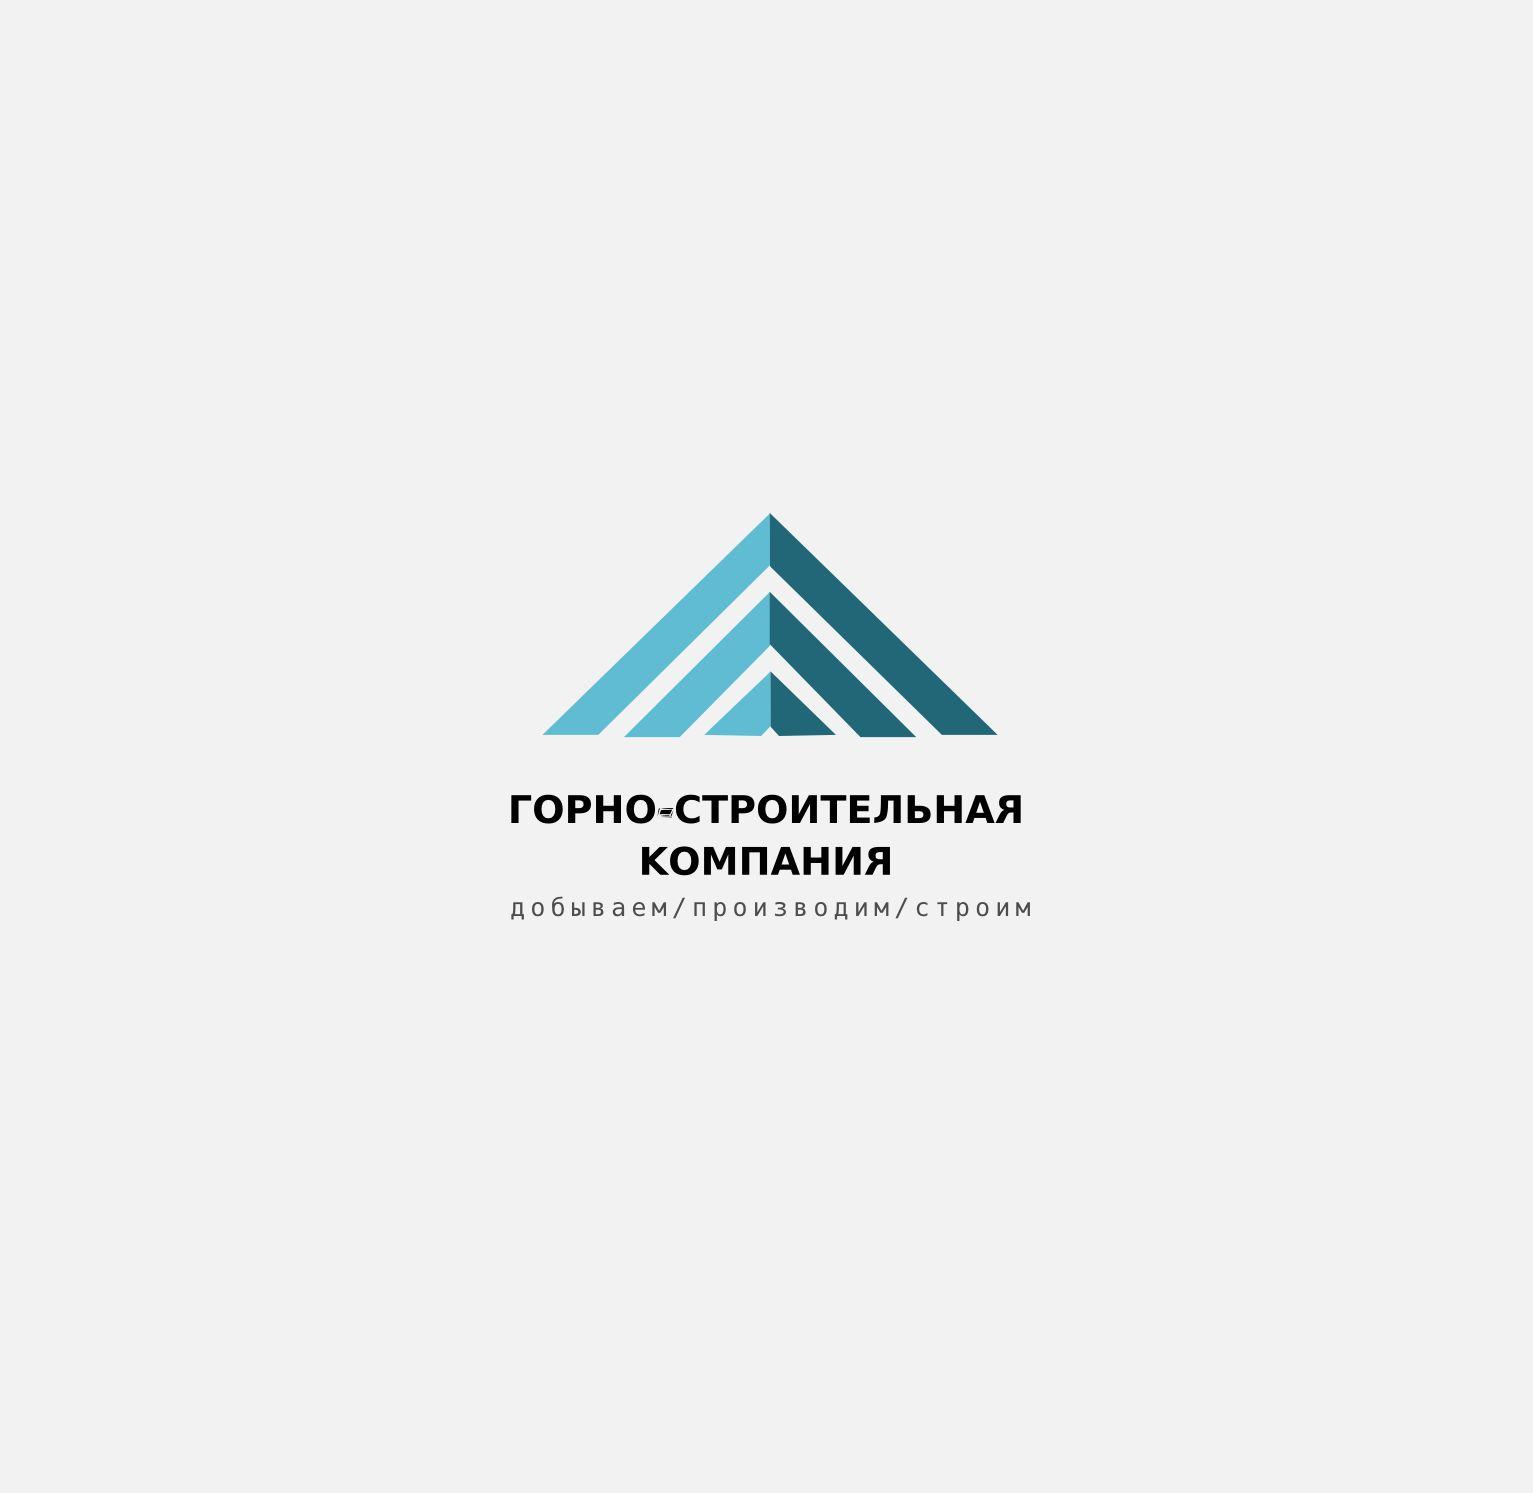 Логотип для Горно-Строительной Компании - дизайнер Evgenij